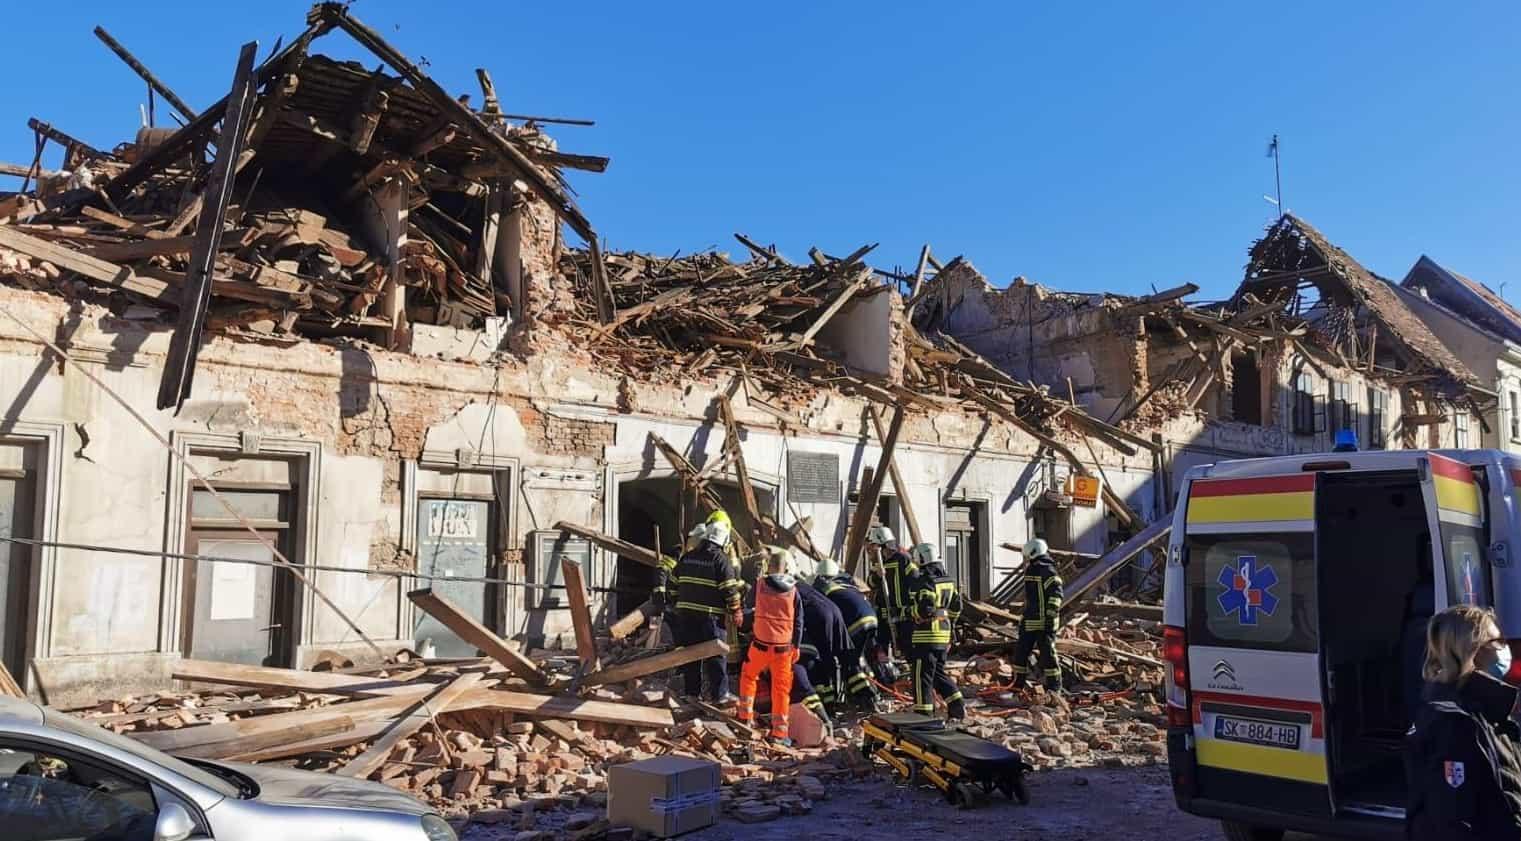 Hatalmas károk keletkeztek a földrengésektől Horvátországban, az emberek a szabad ég alatt töltik az éjszakát! 8